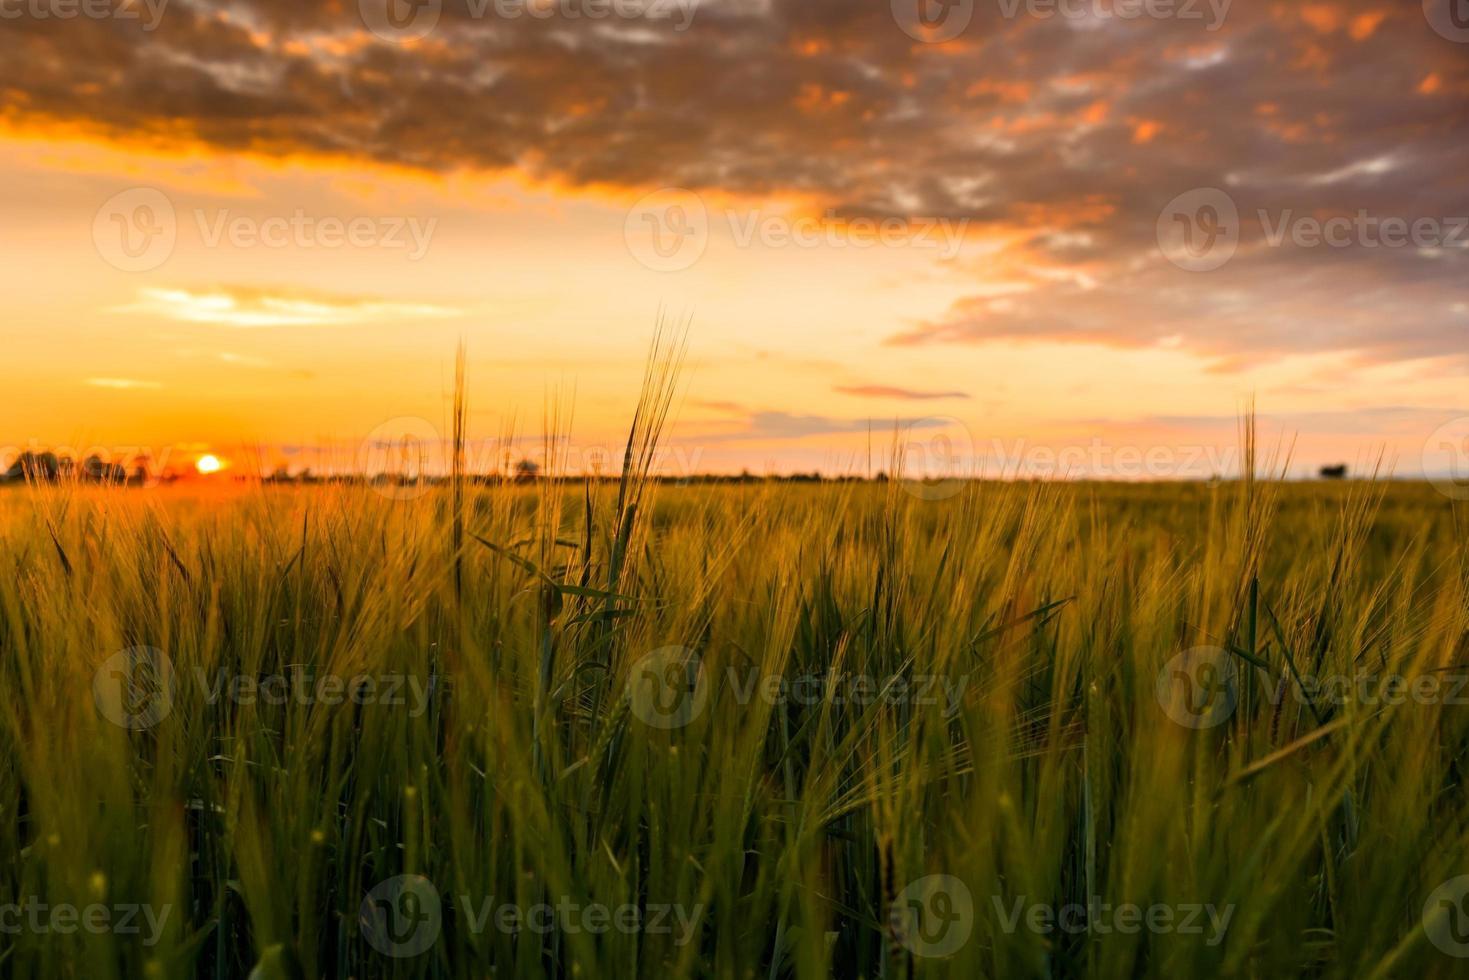 tierra cultivada con cielo nublado foto